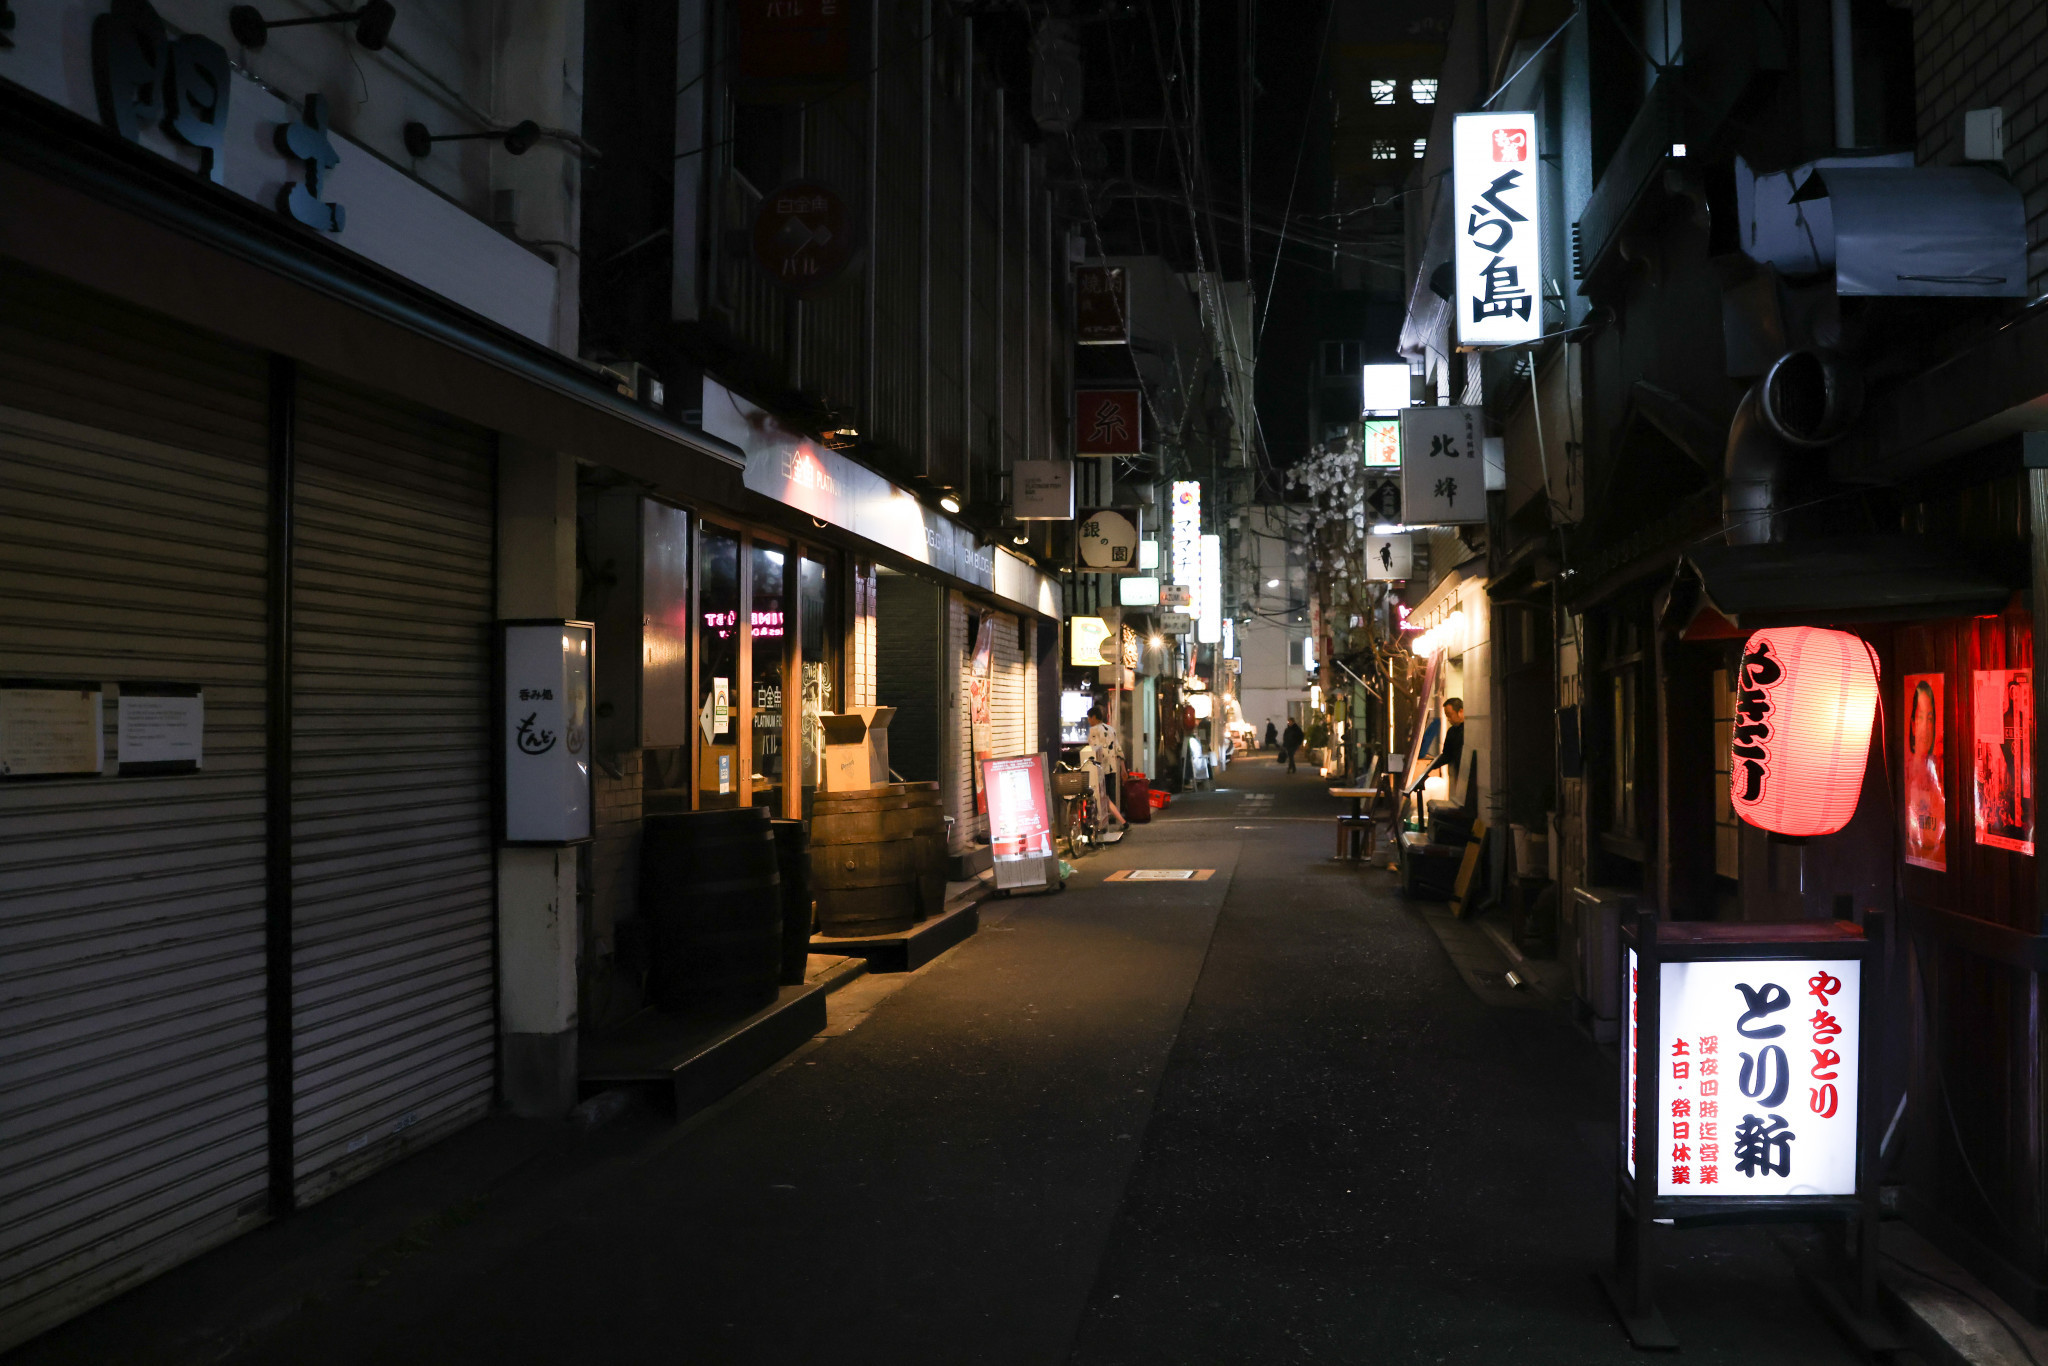 Inicia estado de emergencia en Tokio a meses de olimpiadas